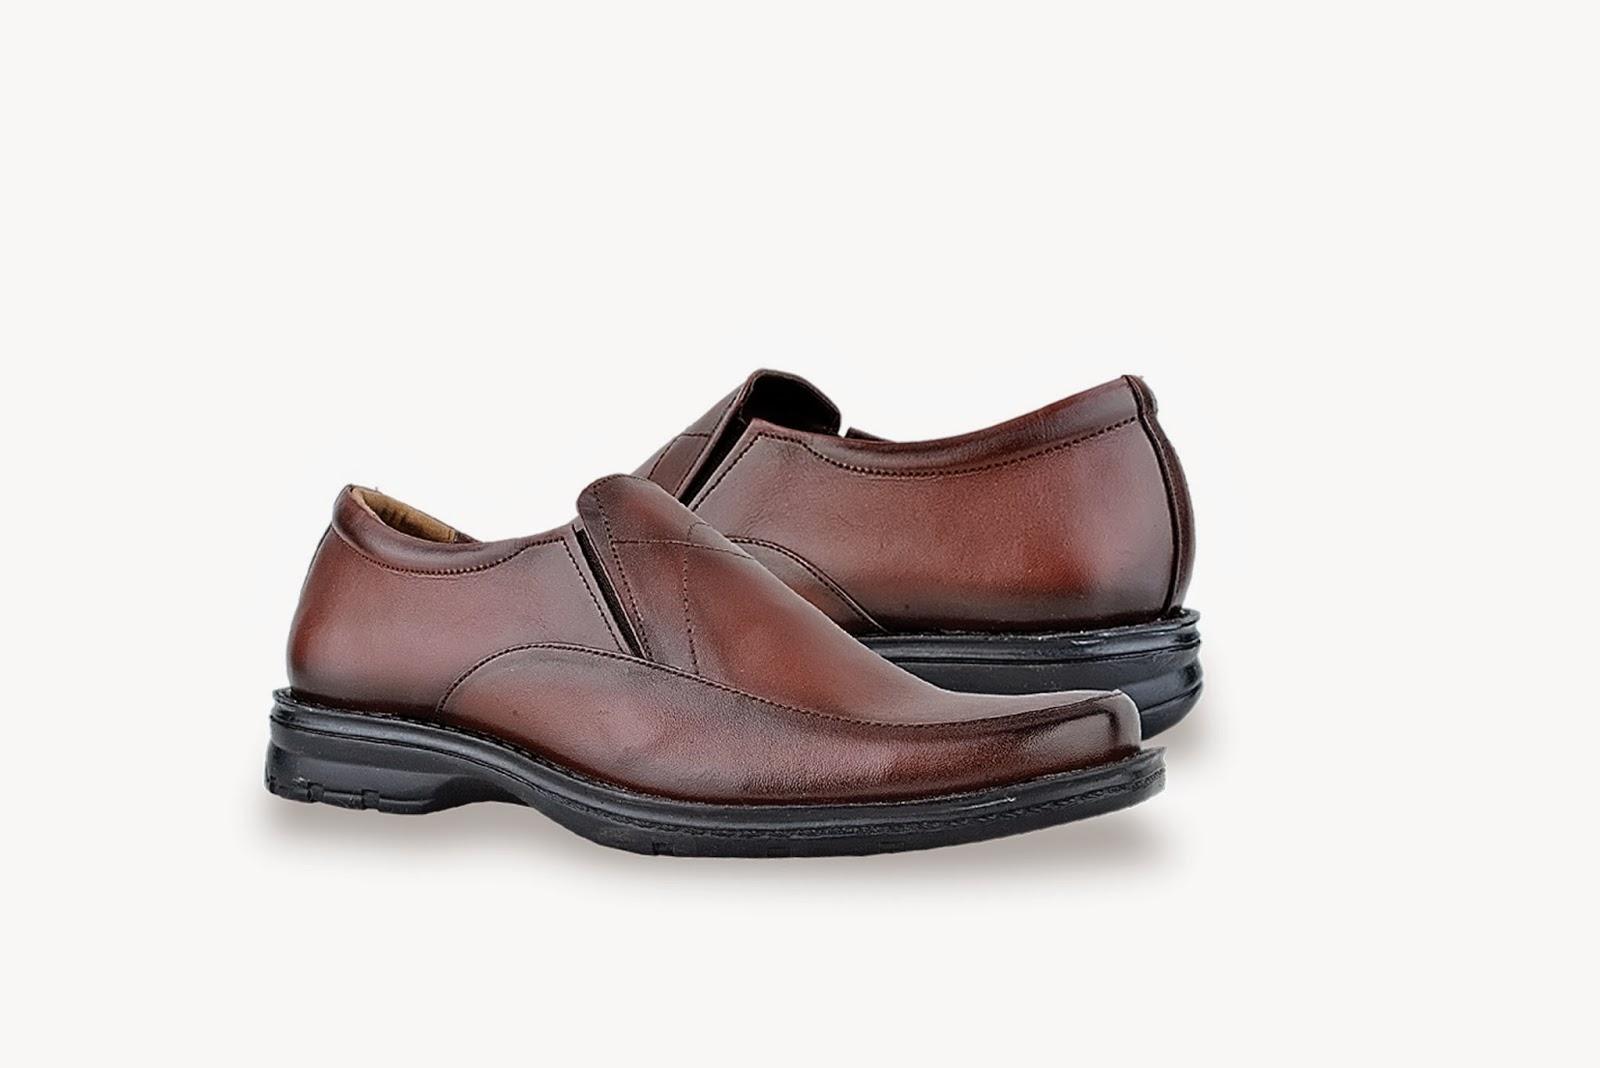 Jual Sepatu Kerja Pria Cibaduyu, Grosir Sepatu Kerja Pria Cibaduyut , Sepatu Kerja Pria Cibaduyut  Harga Murah, Sepatu Kerja Pria Cibaduyut  Online